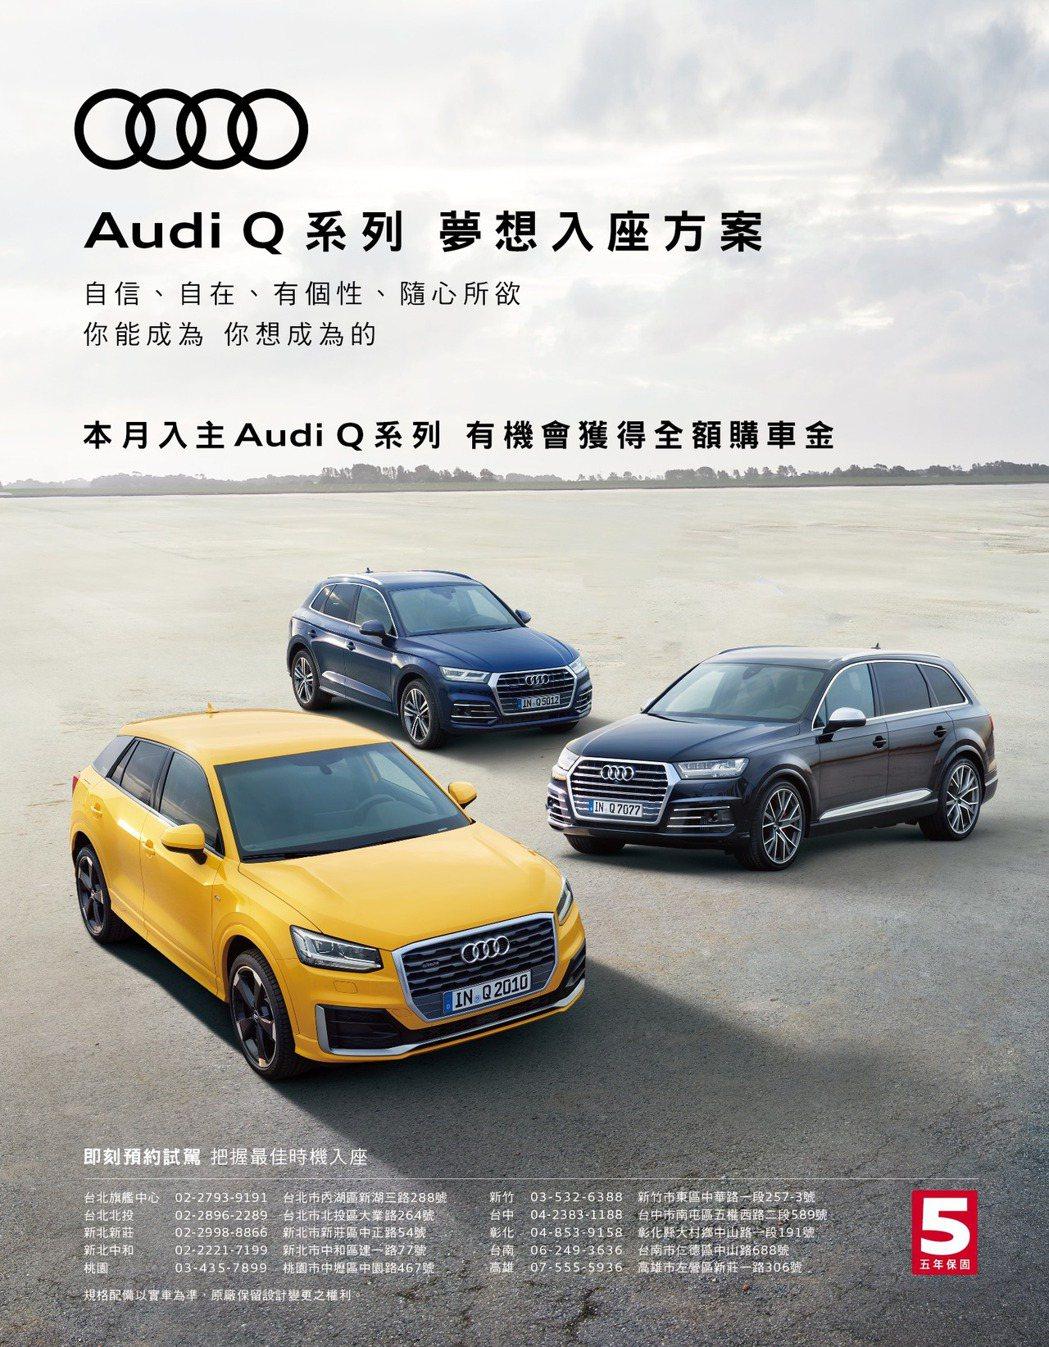 台灣奧迪推出Audi Q系列 夢想入座方案,凡於活動期間試乘任一款Audi Q系...